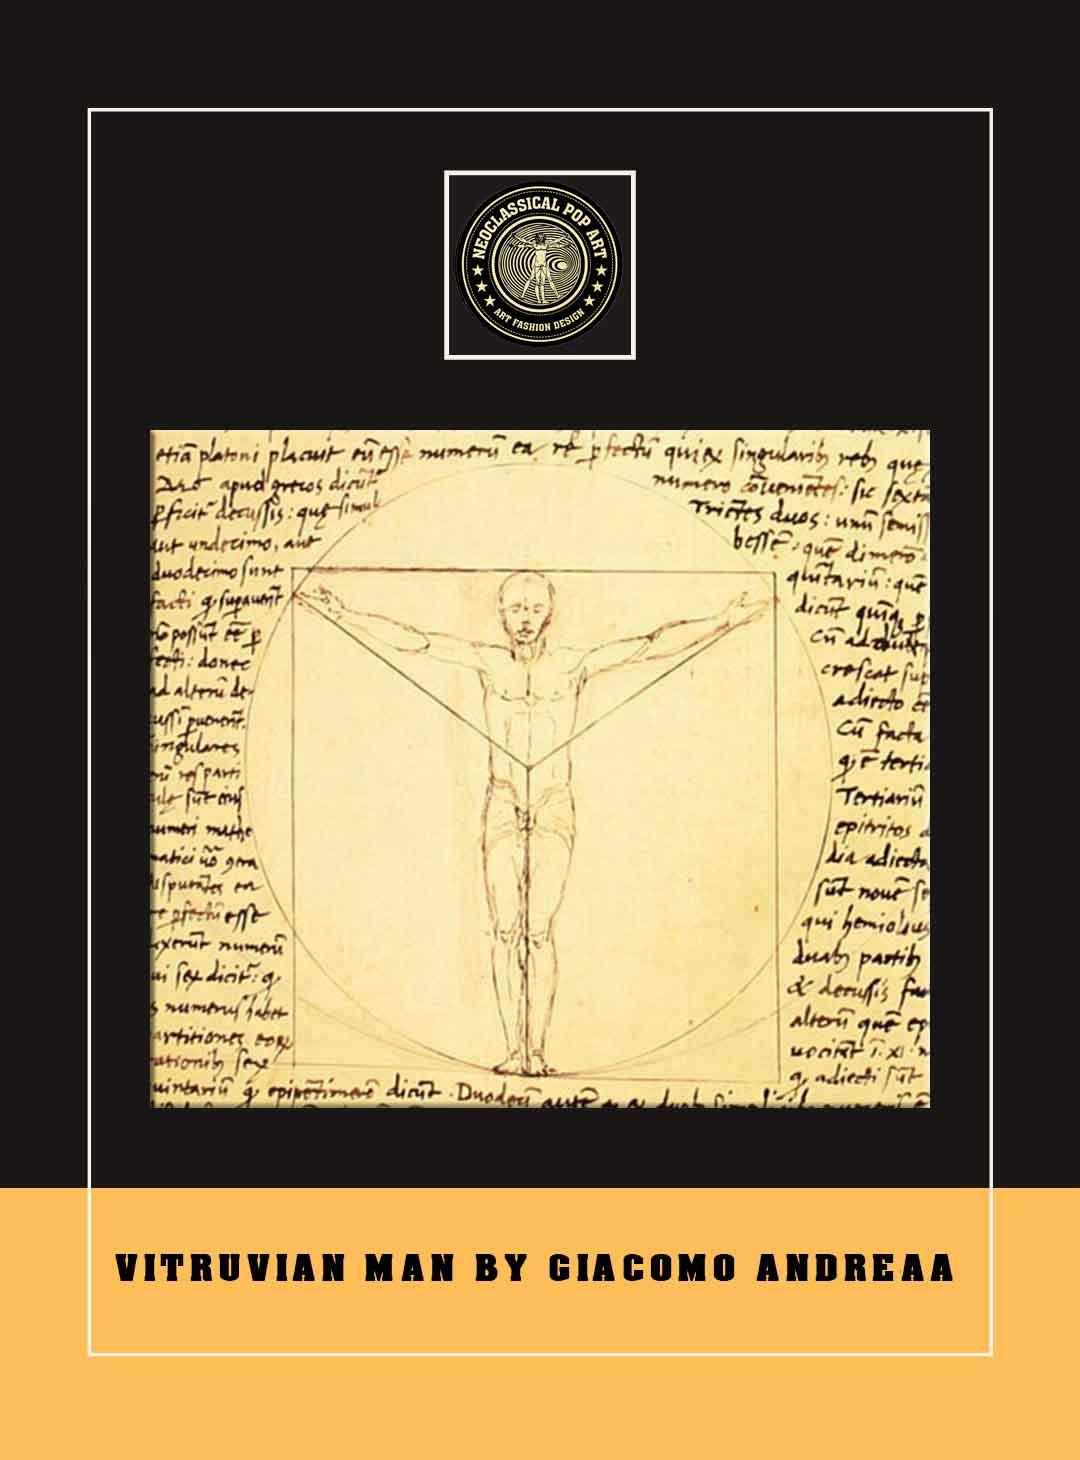 Giacomono Vitruvian man